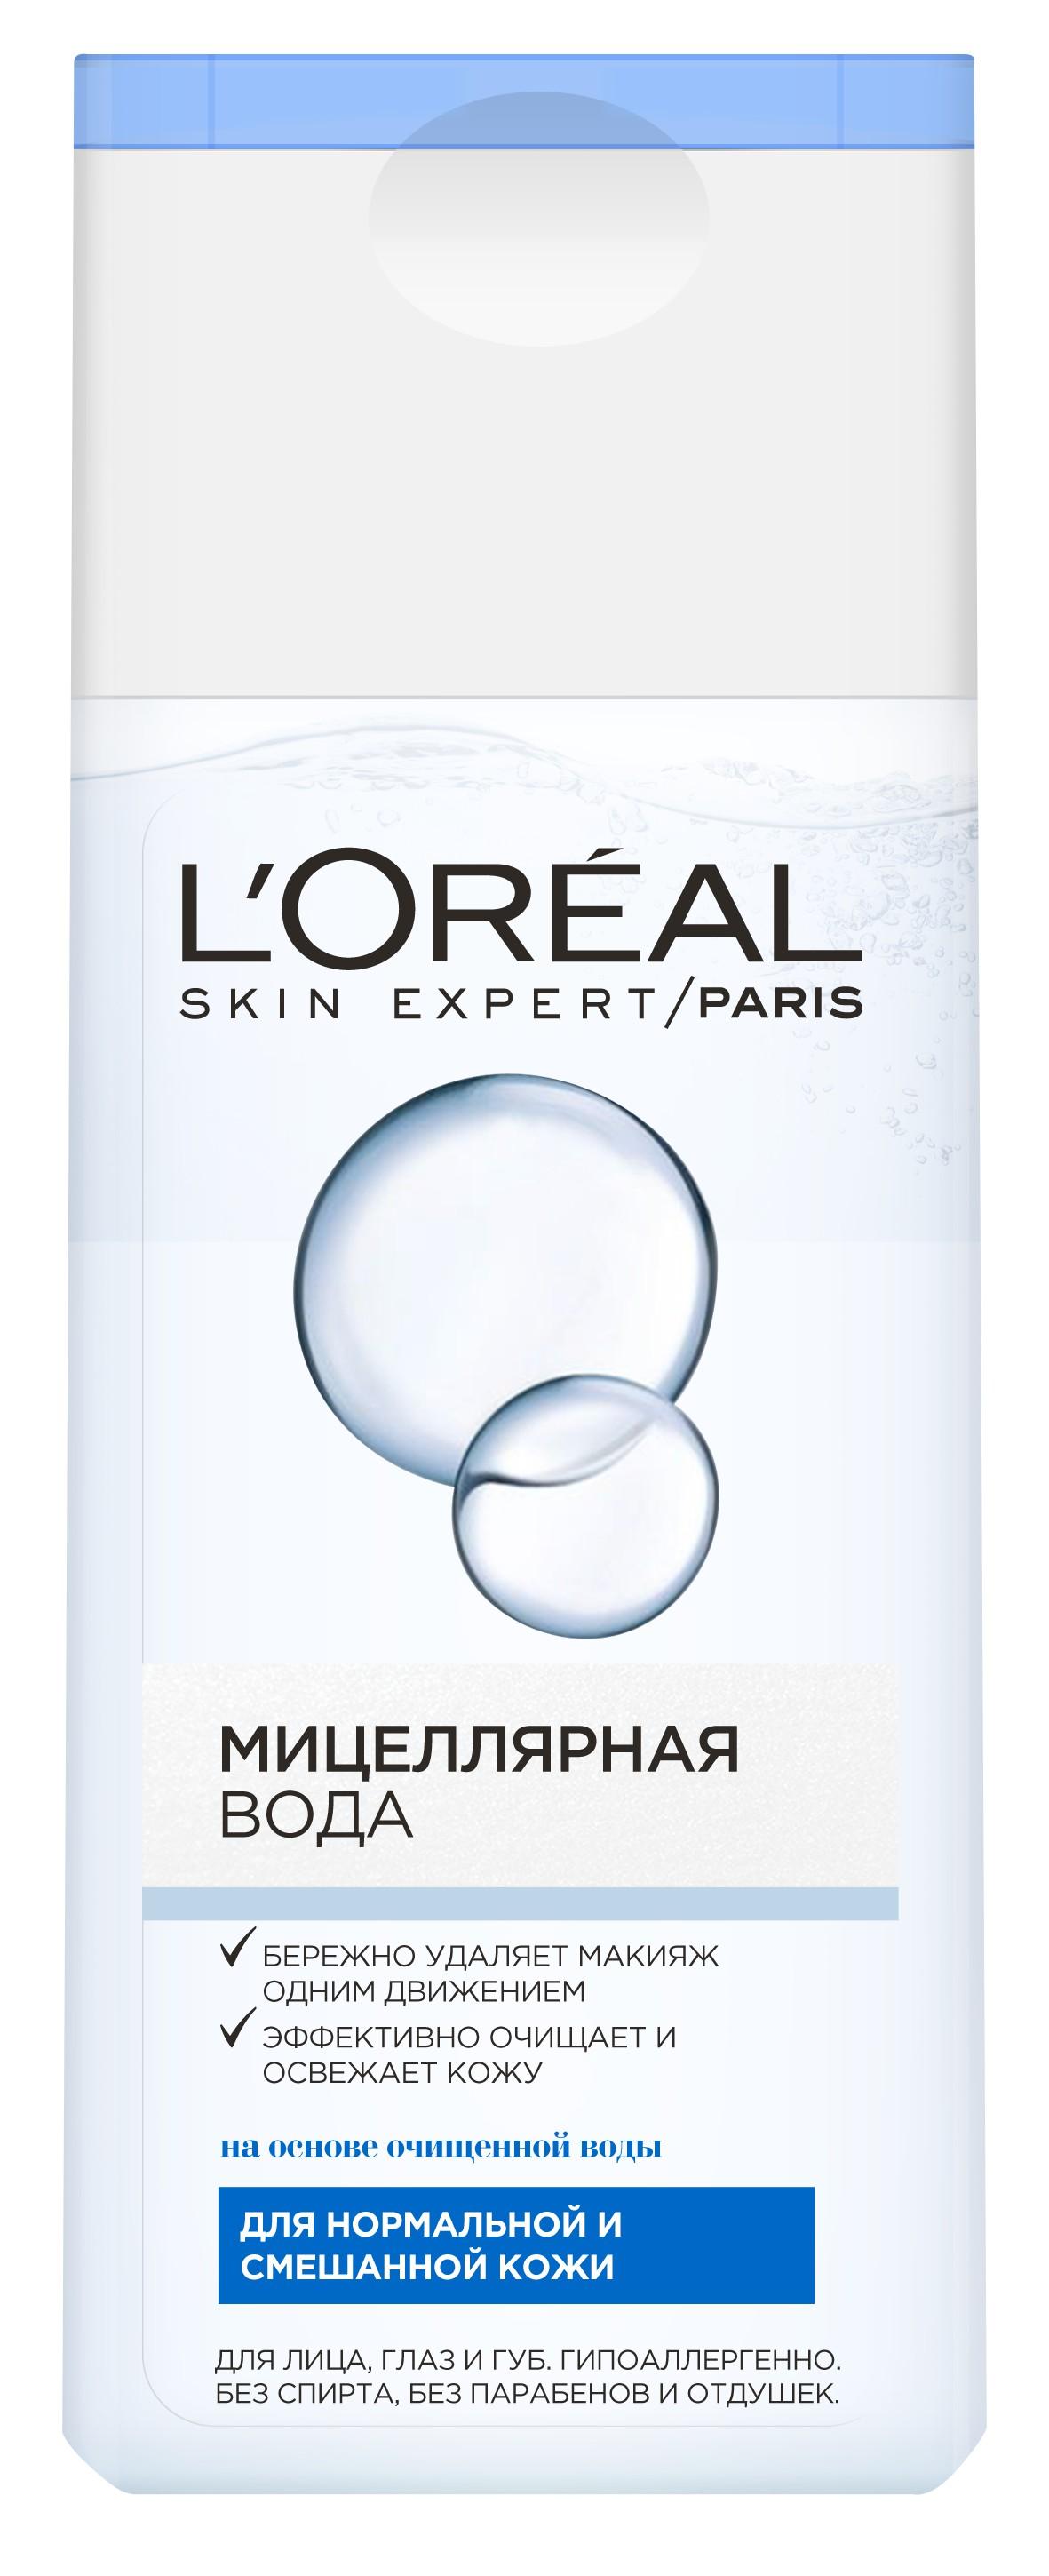 LOreal Paris Мицеллярная вода для снятия макияжа, для нормальной и смешанной кожи, гипоаллергенно, 200 млA8110300Мицеллярная вода для лица от Лореаль Париж эффективно и бережно удаляет макияж, очищает кожу и загрязнения без трения благодаря мицеллам. Средство заметно улучшает и балансирует состояние кожи лица. Одним движением мицеллярная вода бережно очищает кожу лица, губ и деликатную область вокруг глаз. Гипоаллергенная формула без отдушек и спирта успокаивает ощущение раздражения кожи. Мицеллярная вода - это больше, чем просто мгновенное удаление макияжа и очищение. Формула, состоящая на 95% из очищенной воды, освежает и успокаивает кожу, преображая ее.